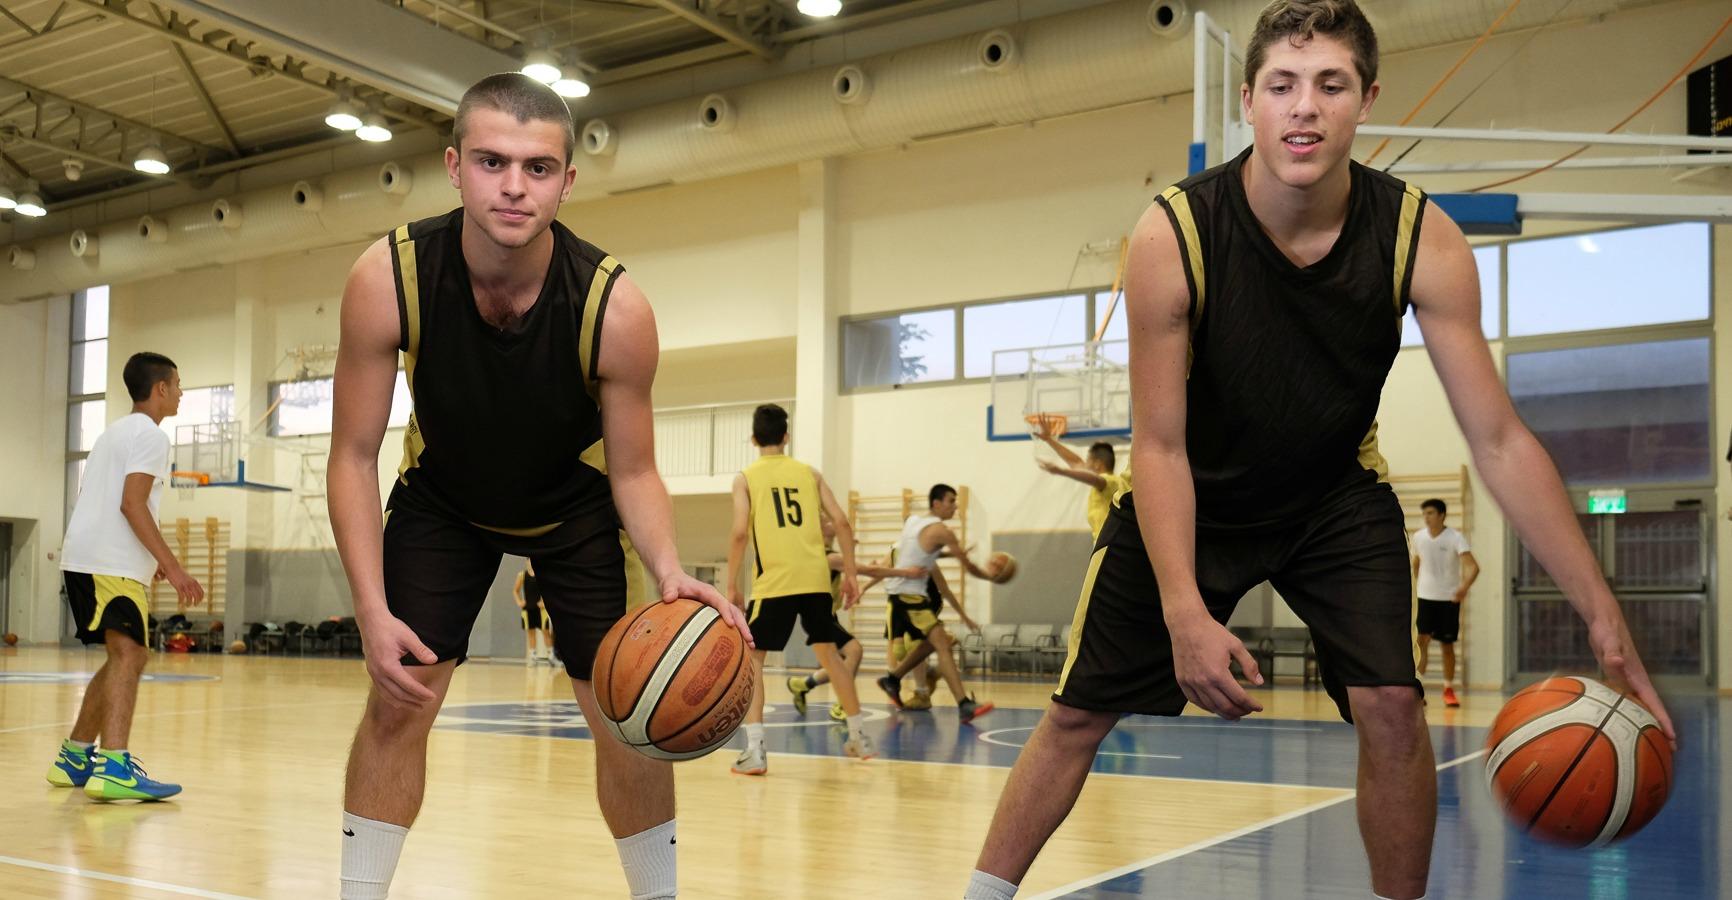 תלמידים מכדררים כדורסל